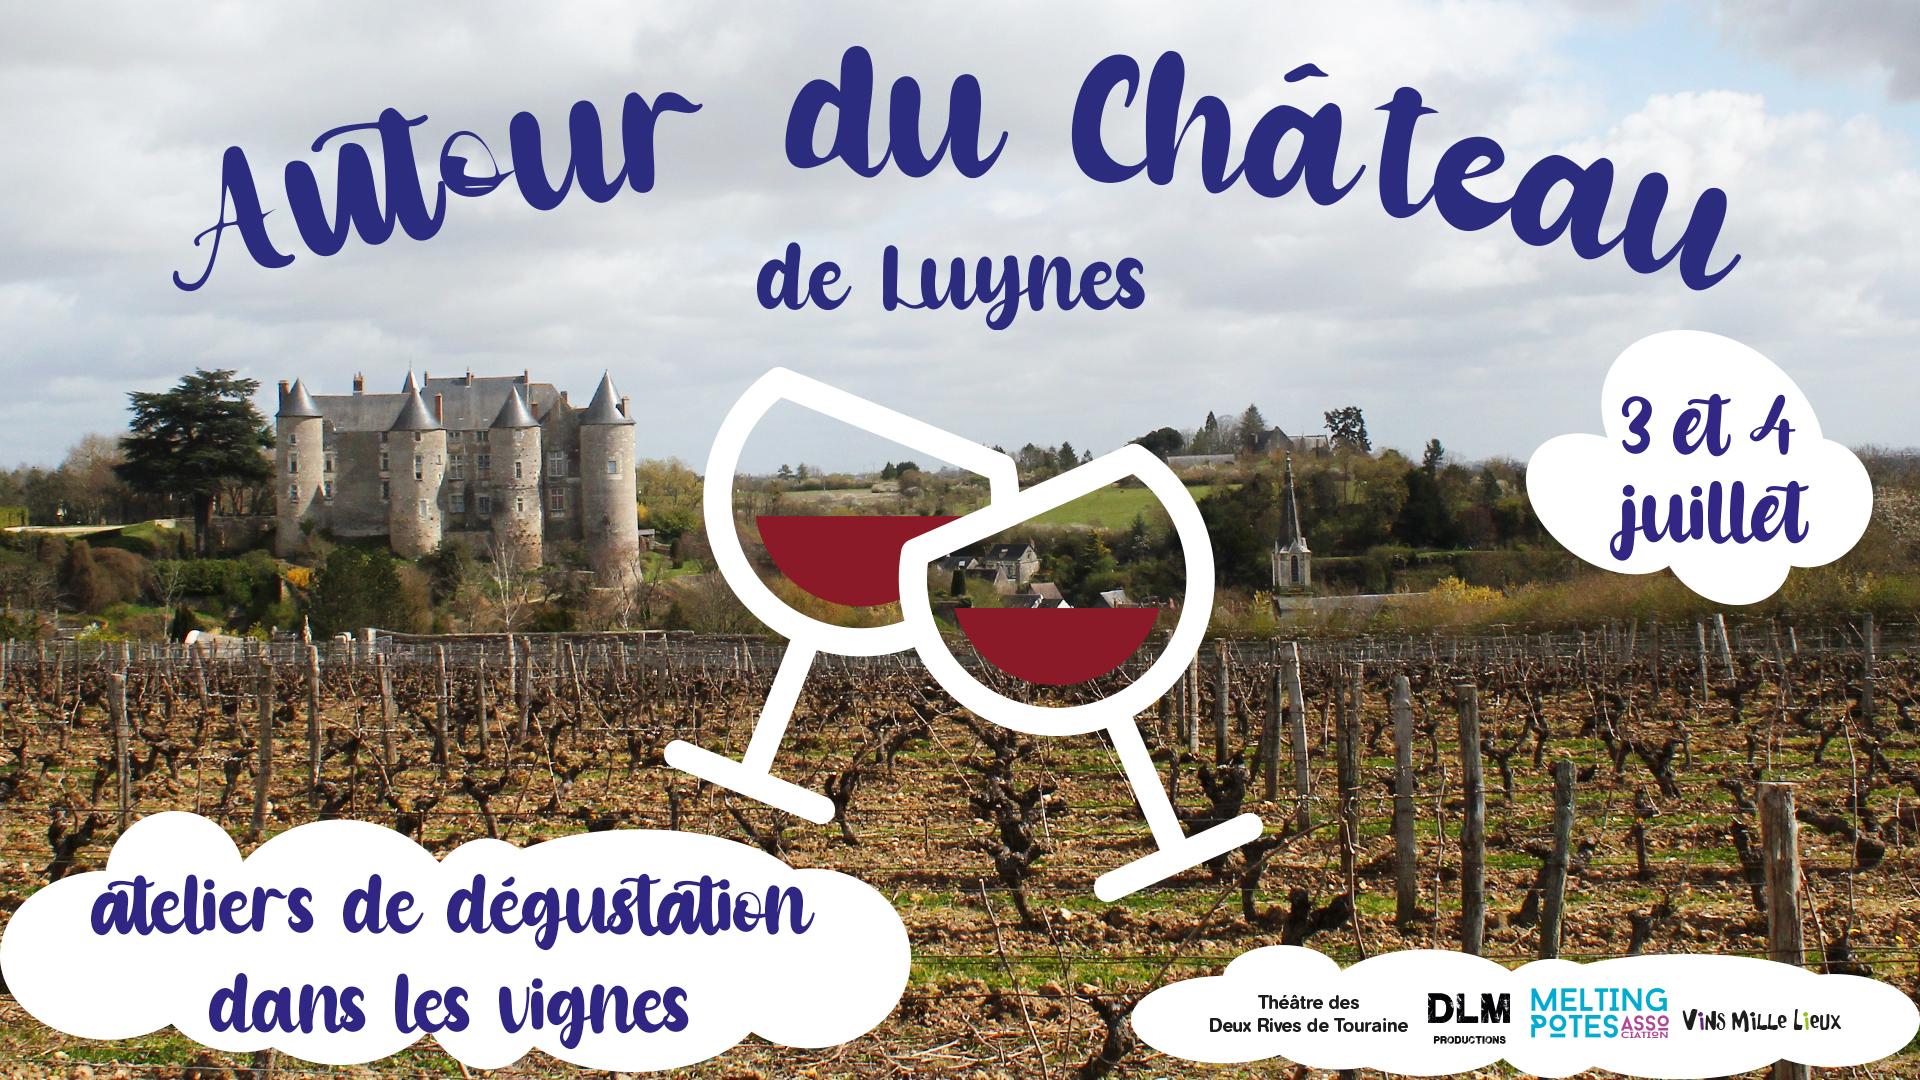 3 et 4 Juillet – Ateliers dégustation dans les vignes de Timothée Delalle (Luynes – 37)